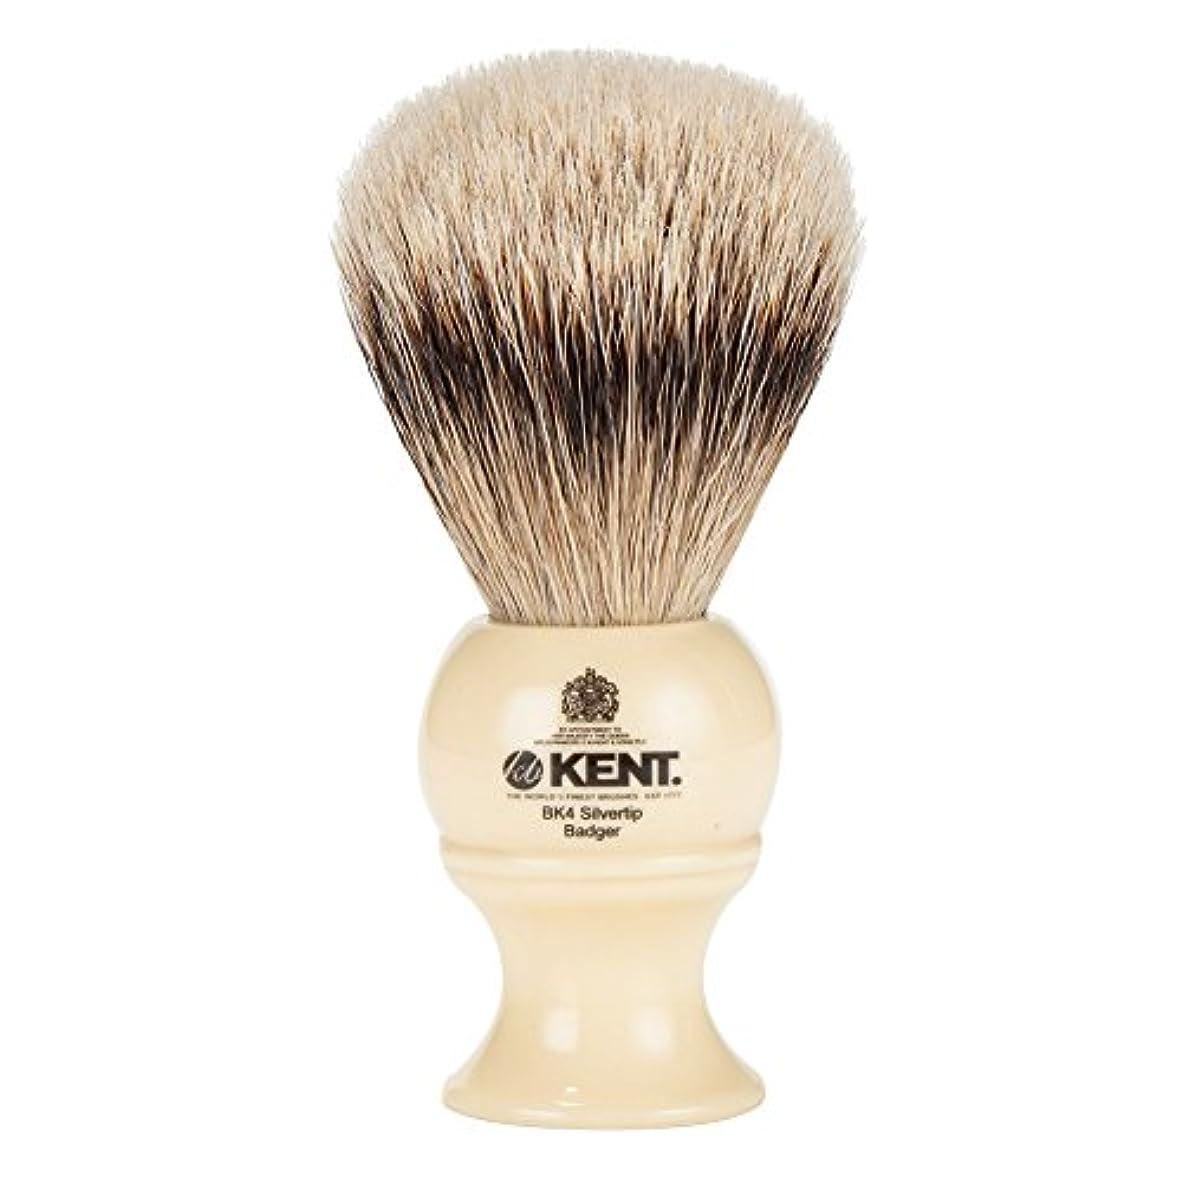 レギュラー余韻真夜中[ ケント ブラシ ] Kent Brush シルバーチップアナグマ シェービングブラシ (Mサイズ) BK4 ホワイト 髭剃り [並行輸入品]